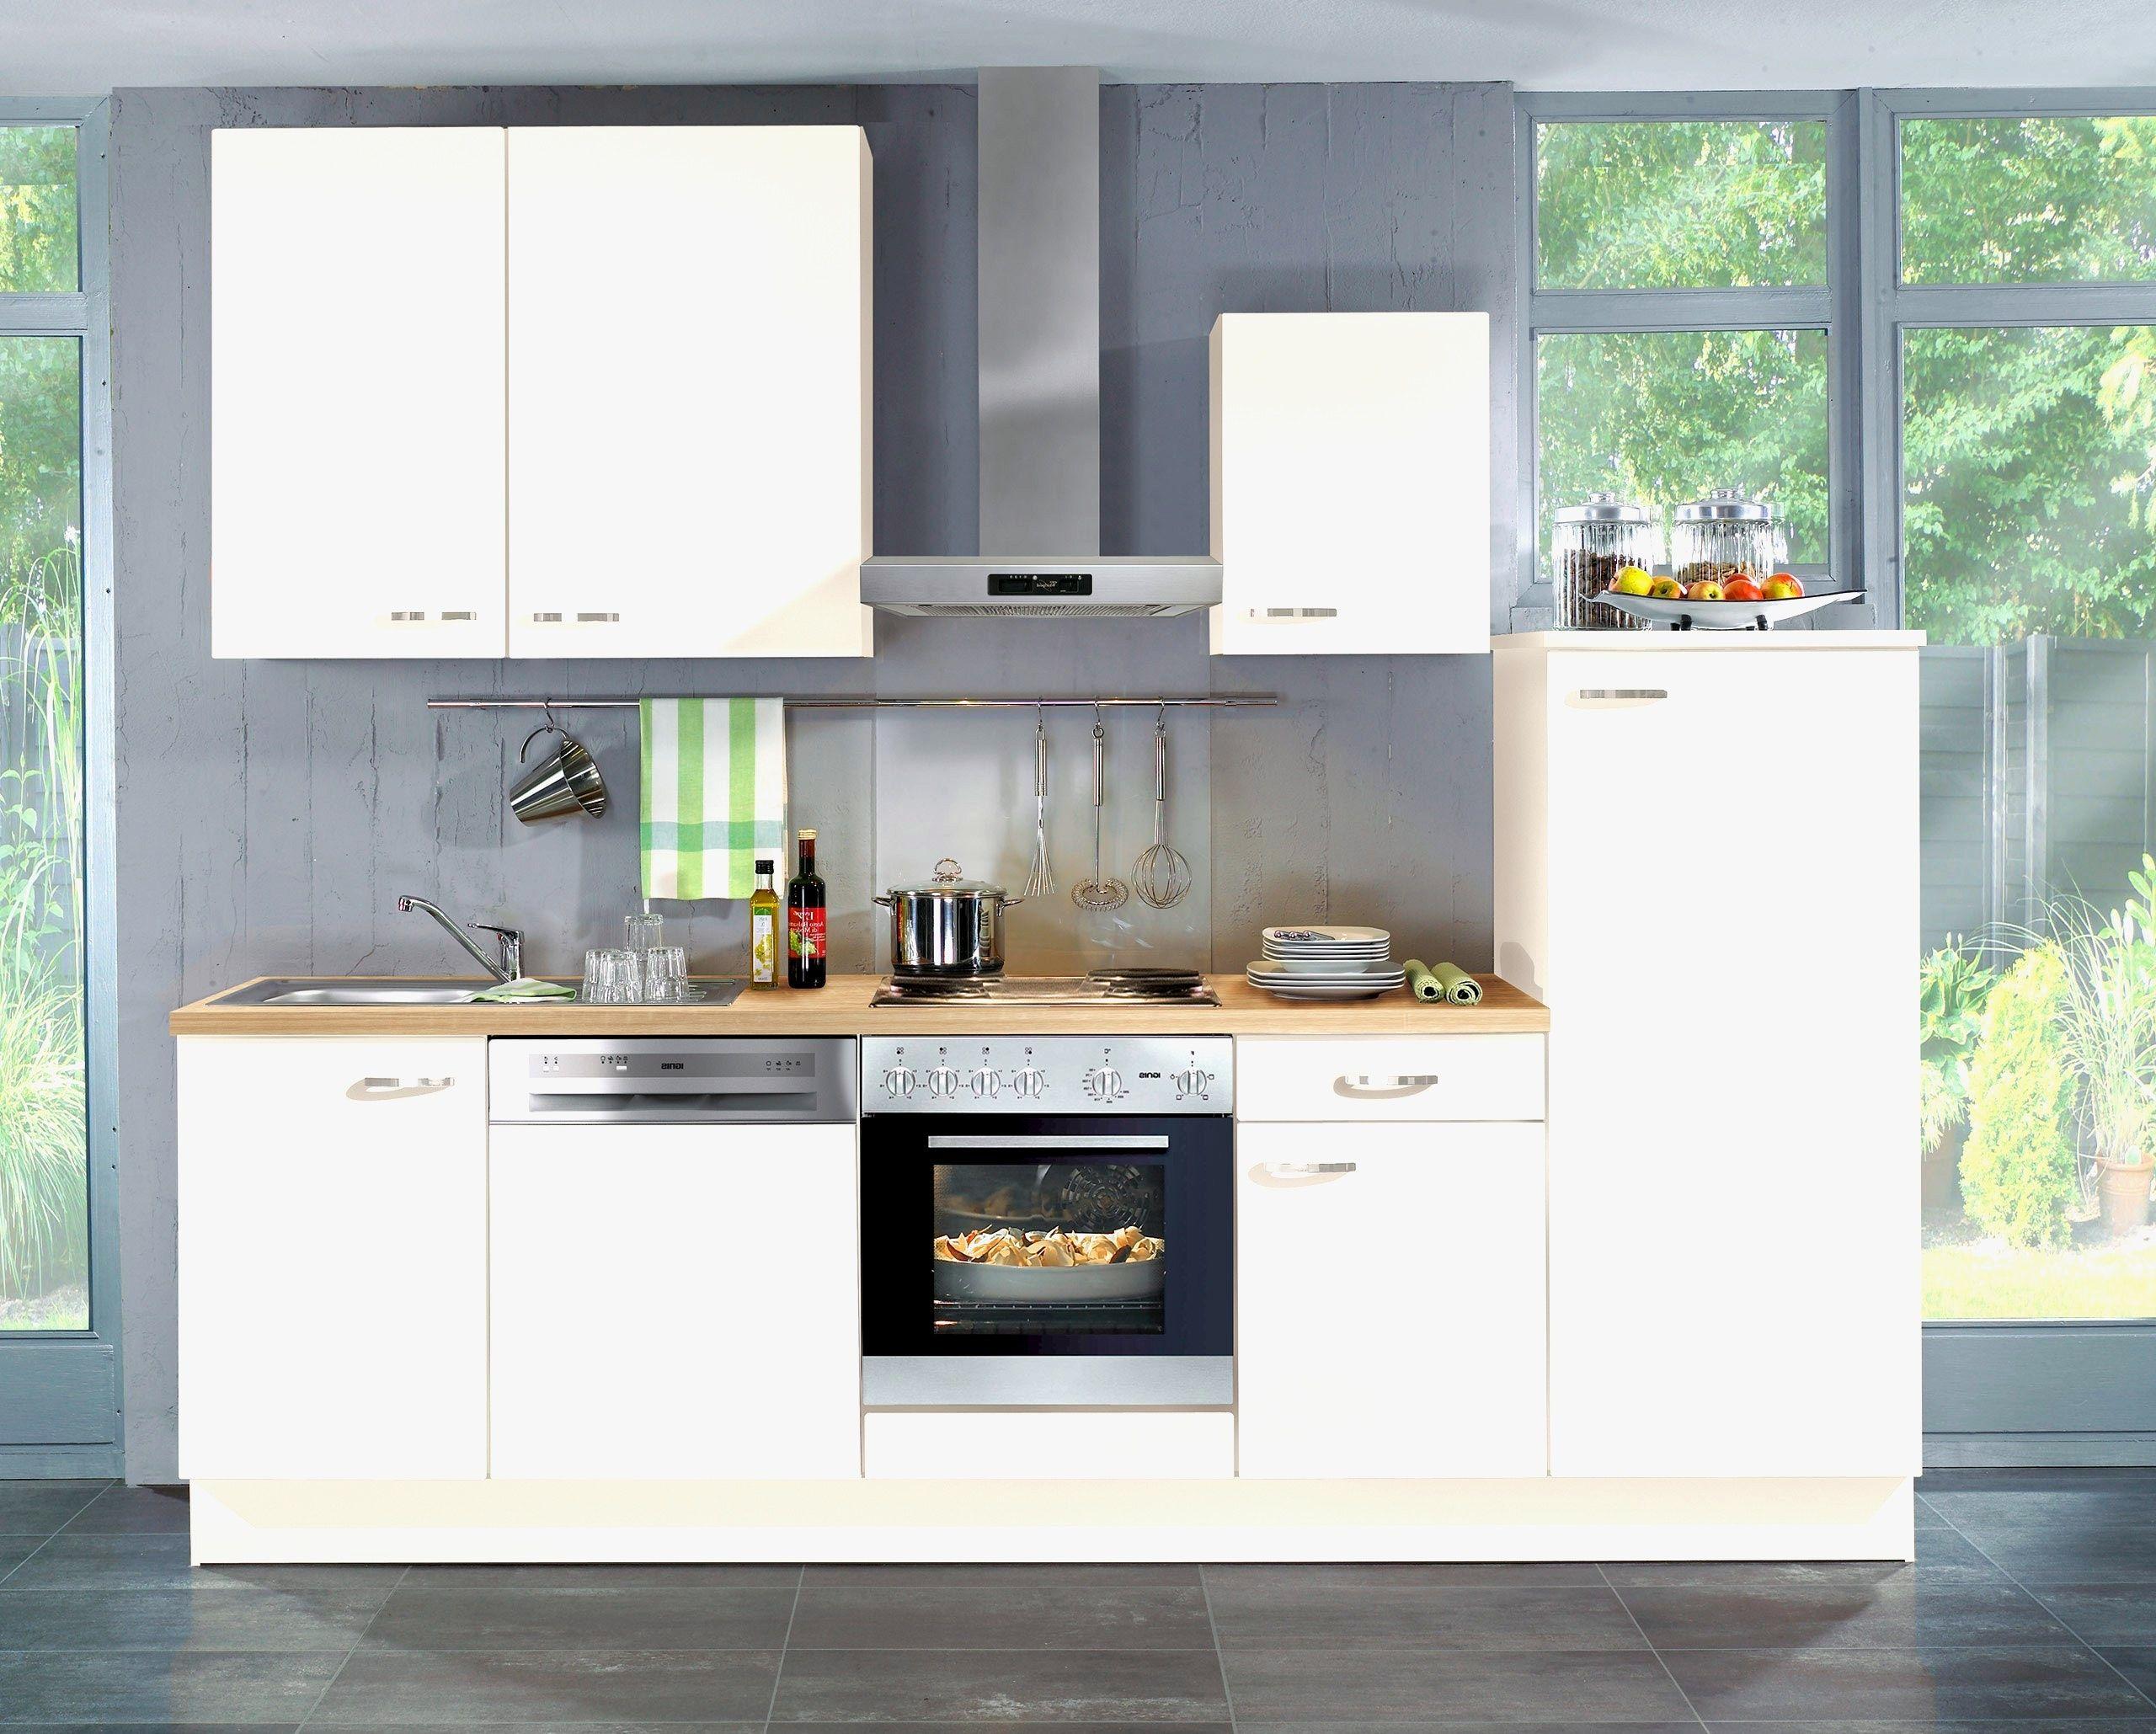 Full Size of Ikea Küche Gebraucht 49 Genial Kche Eigene Elektrogerte Billige Kchen Deckenleuchten Landhausküche Bodenbeläge Eckbank Pantryküche Rustikal Wasserhahn Wohnzimmer Ikea Küche Gebraucht